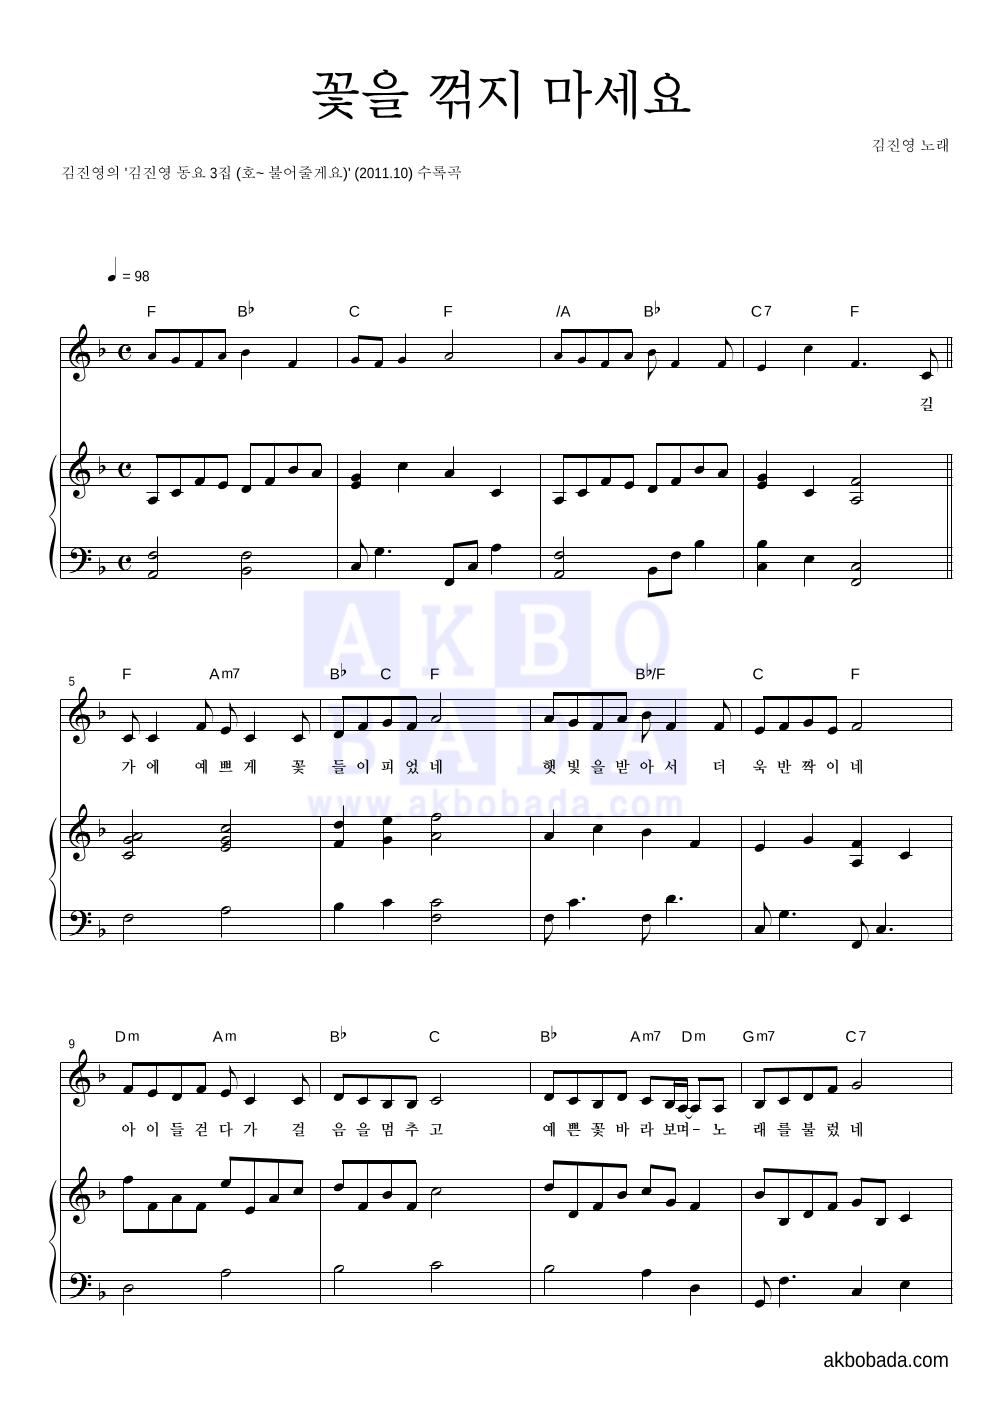 동요 - 꽃을 꺾지 마세요 피아노 3단 악보